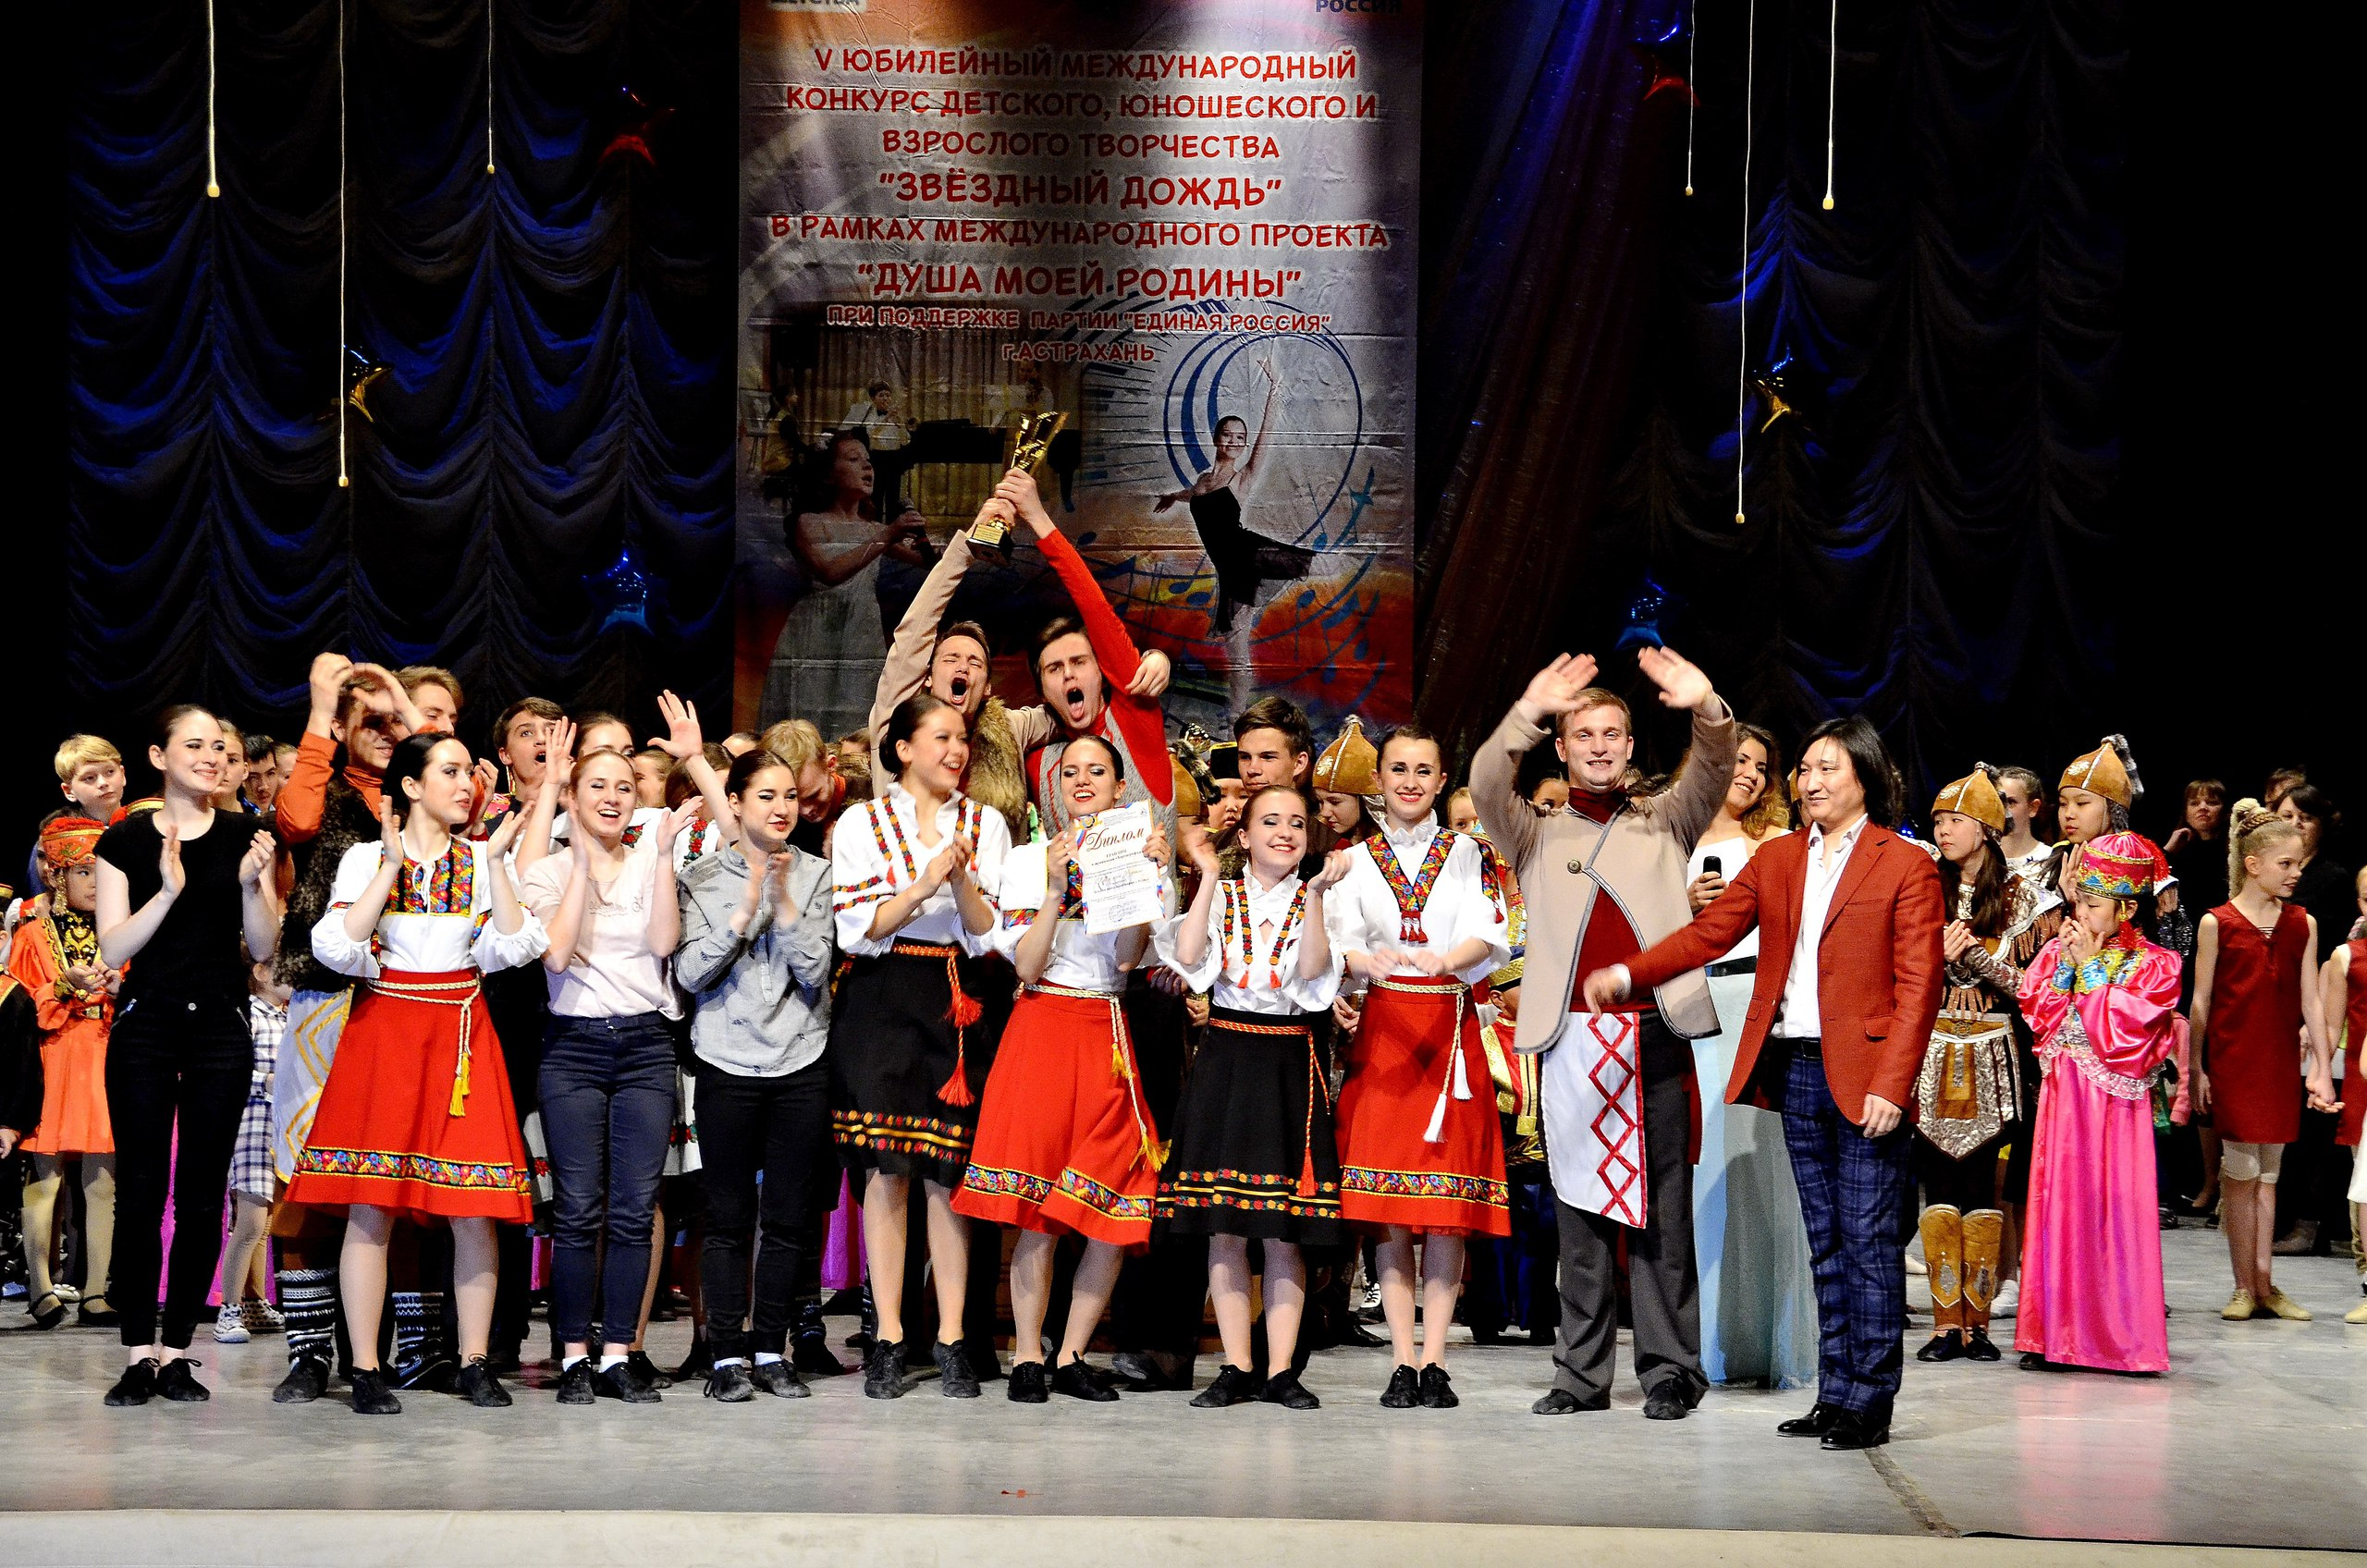 ФИНАЛ! IX Международный конкурс  детского, юношеского и взрослого творчества  «ЗВЕЗДНЫЙ ДОЖДЬ»